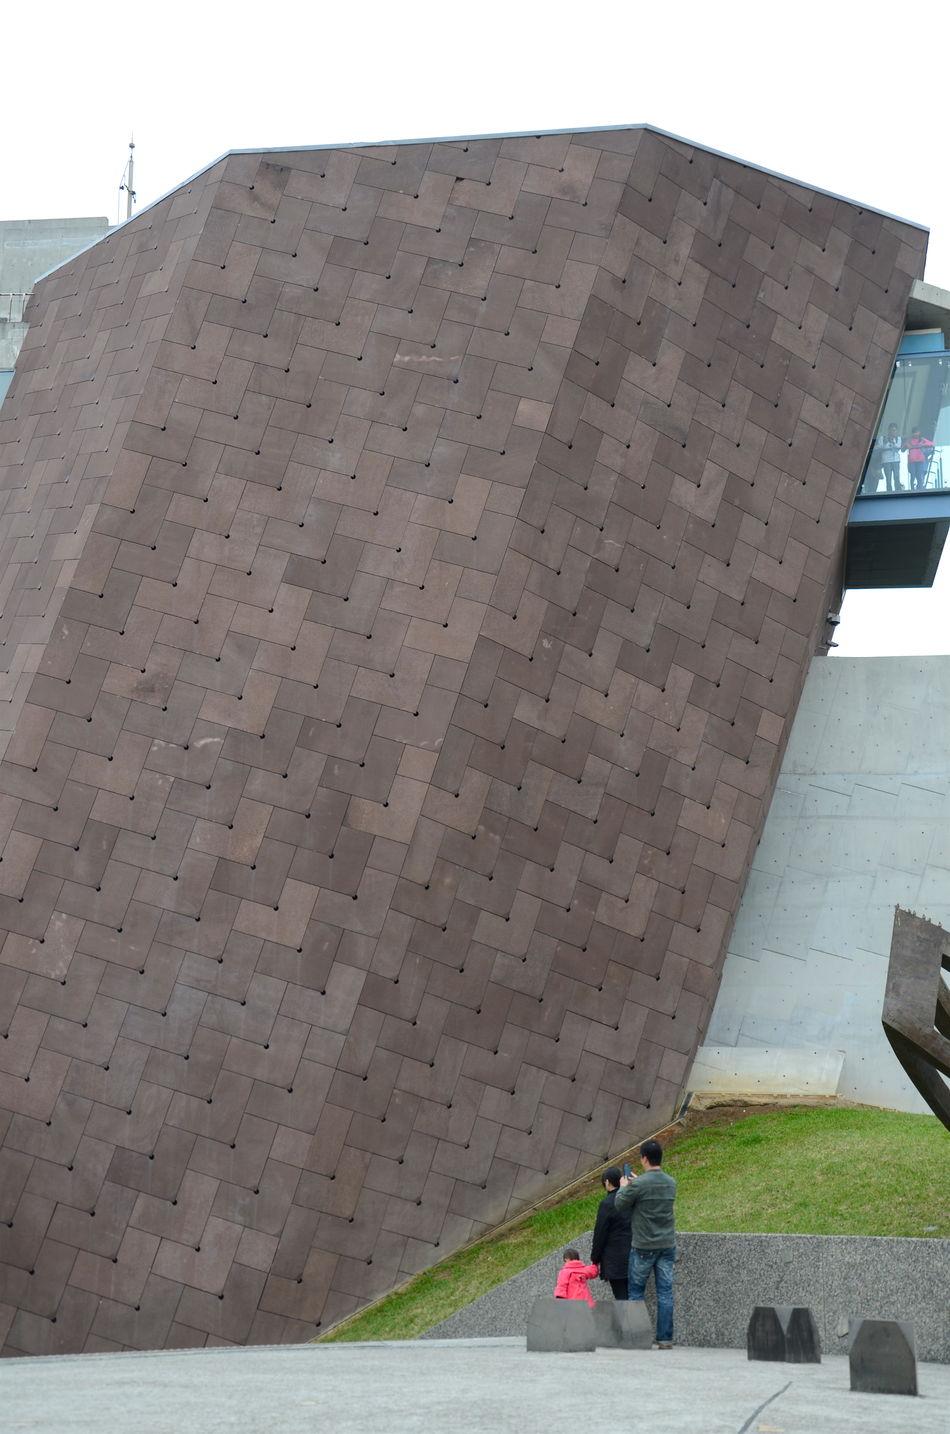 Big Chunk Of Block Big Wall Fortified Wall Modern Architecture Modern Art Modern Building Modernart Wall - Building Feature